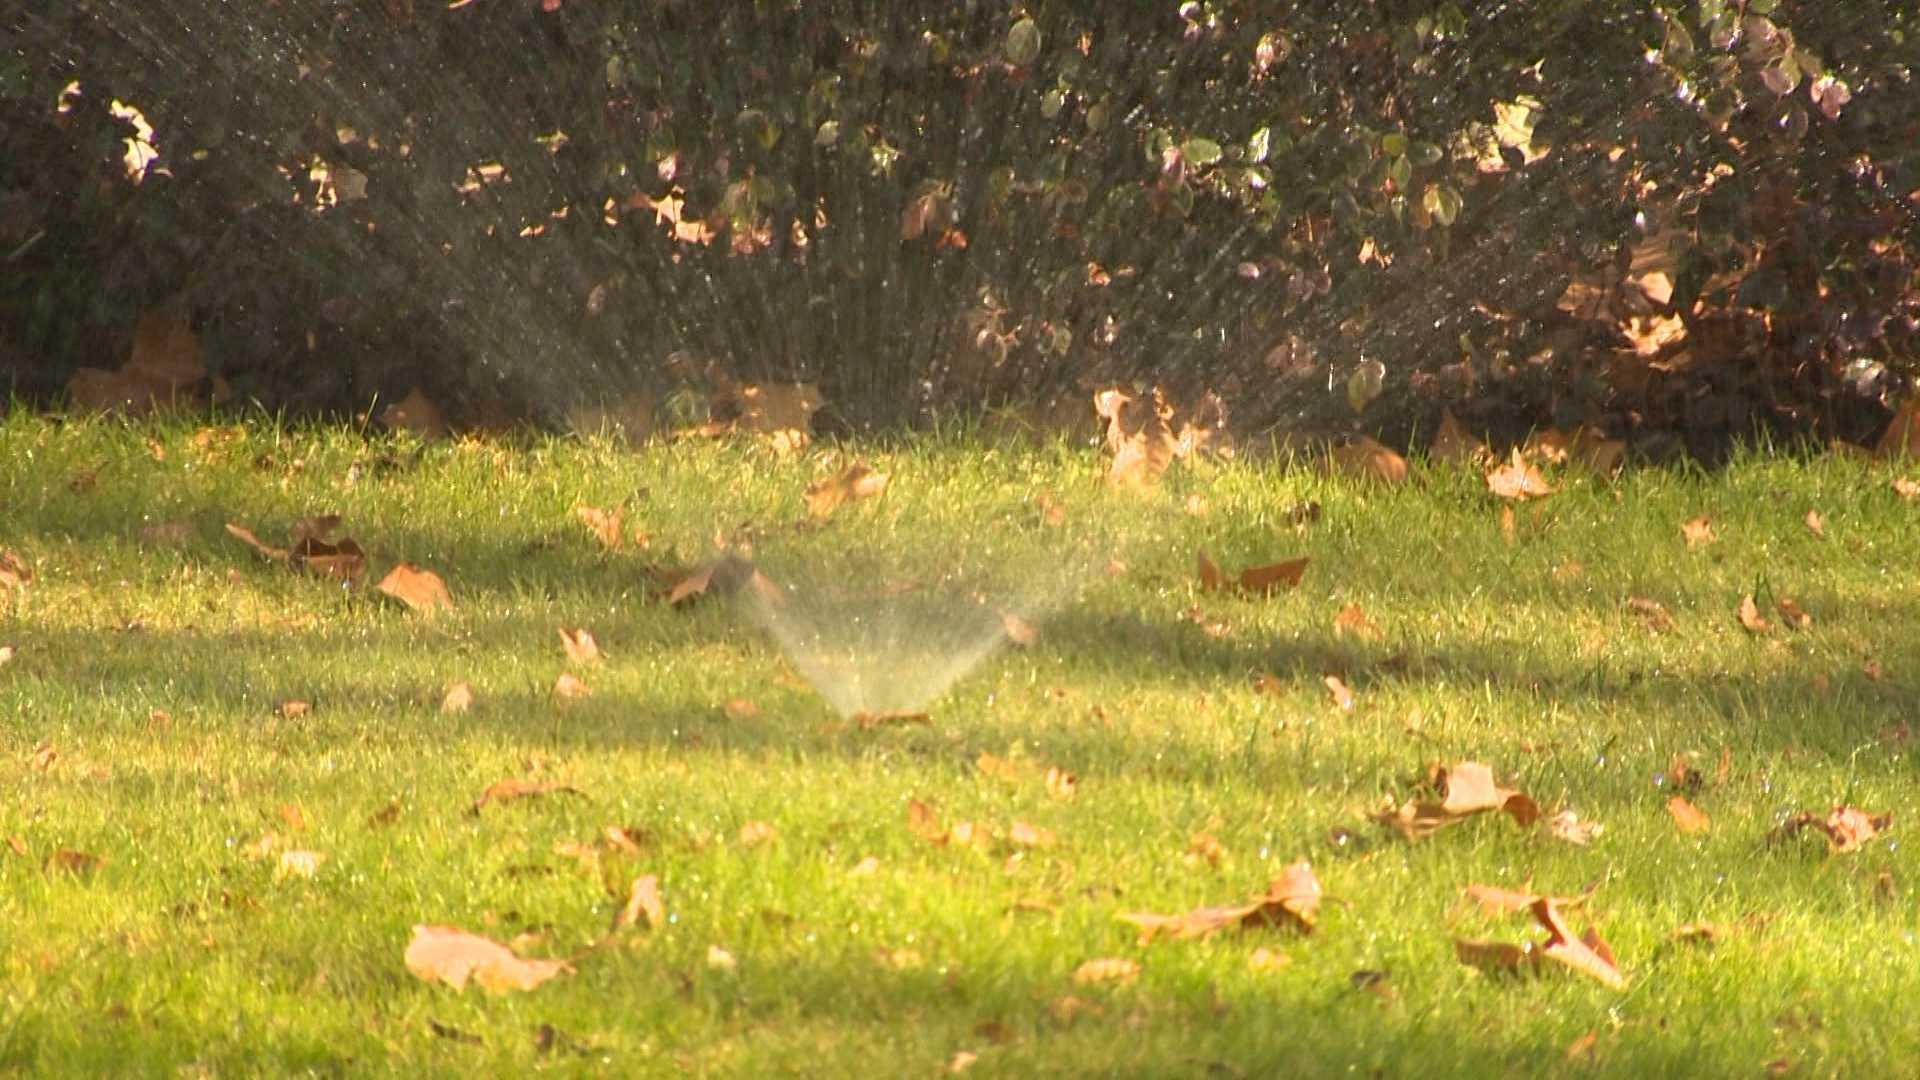 Water Reduction sprinklers